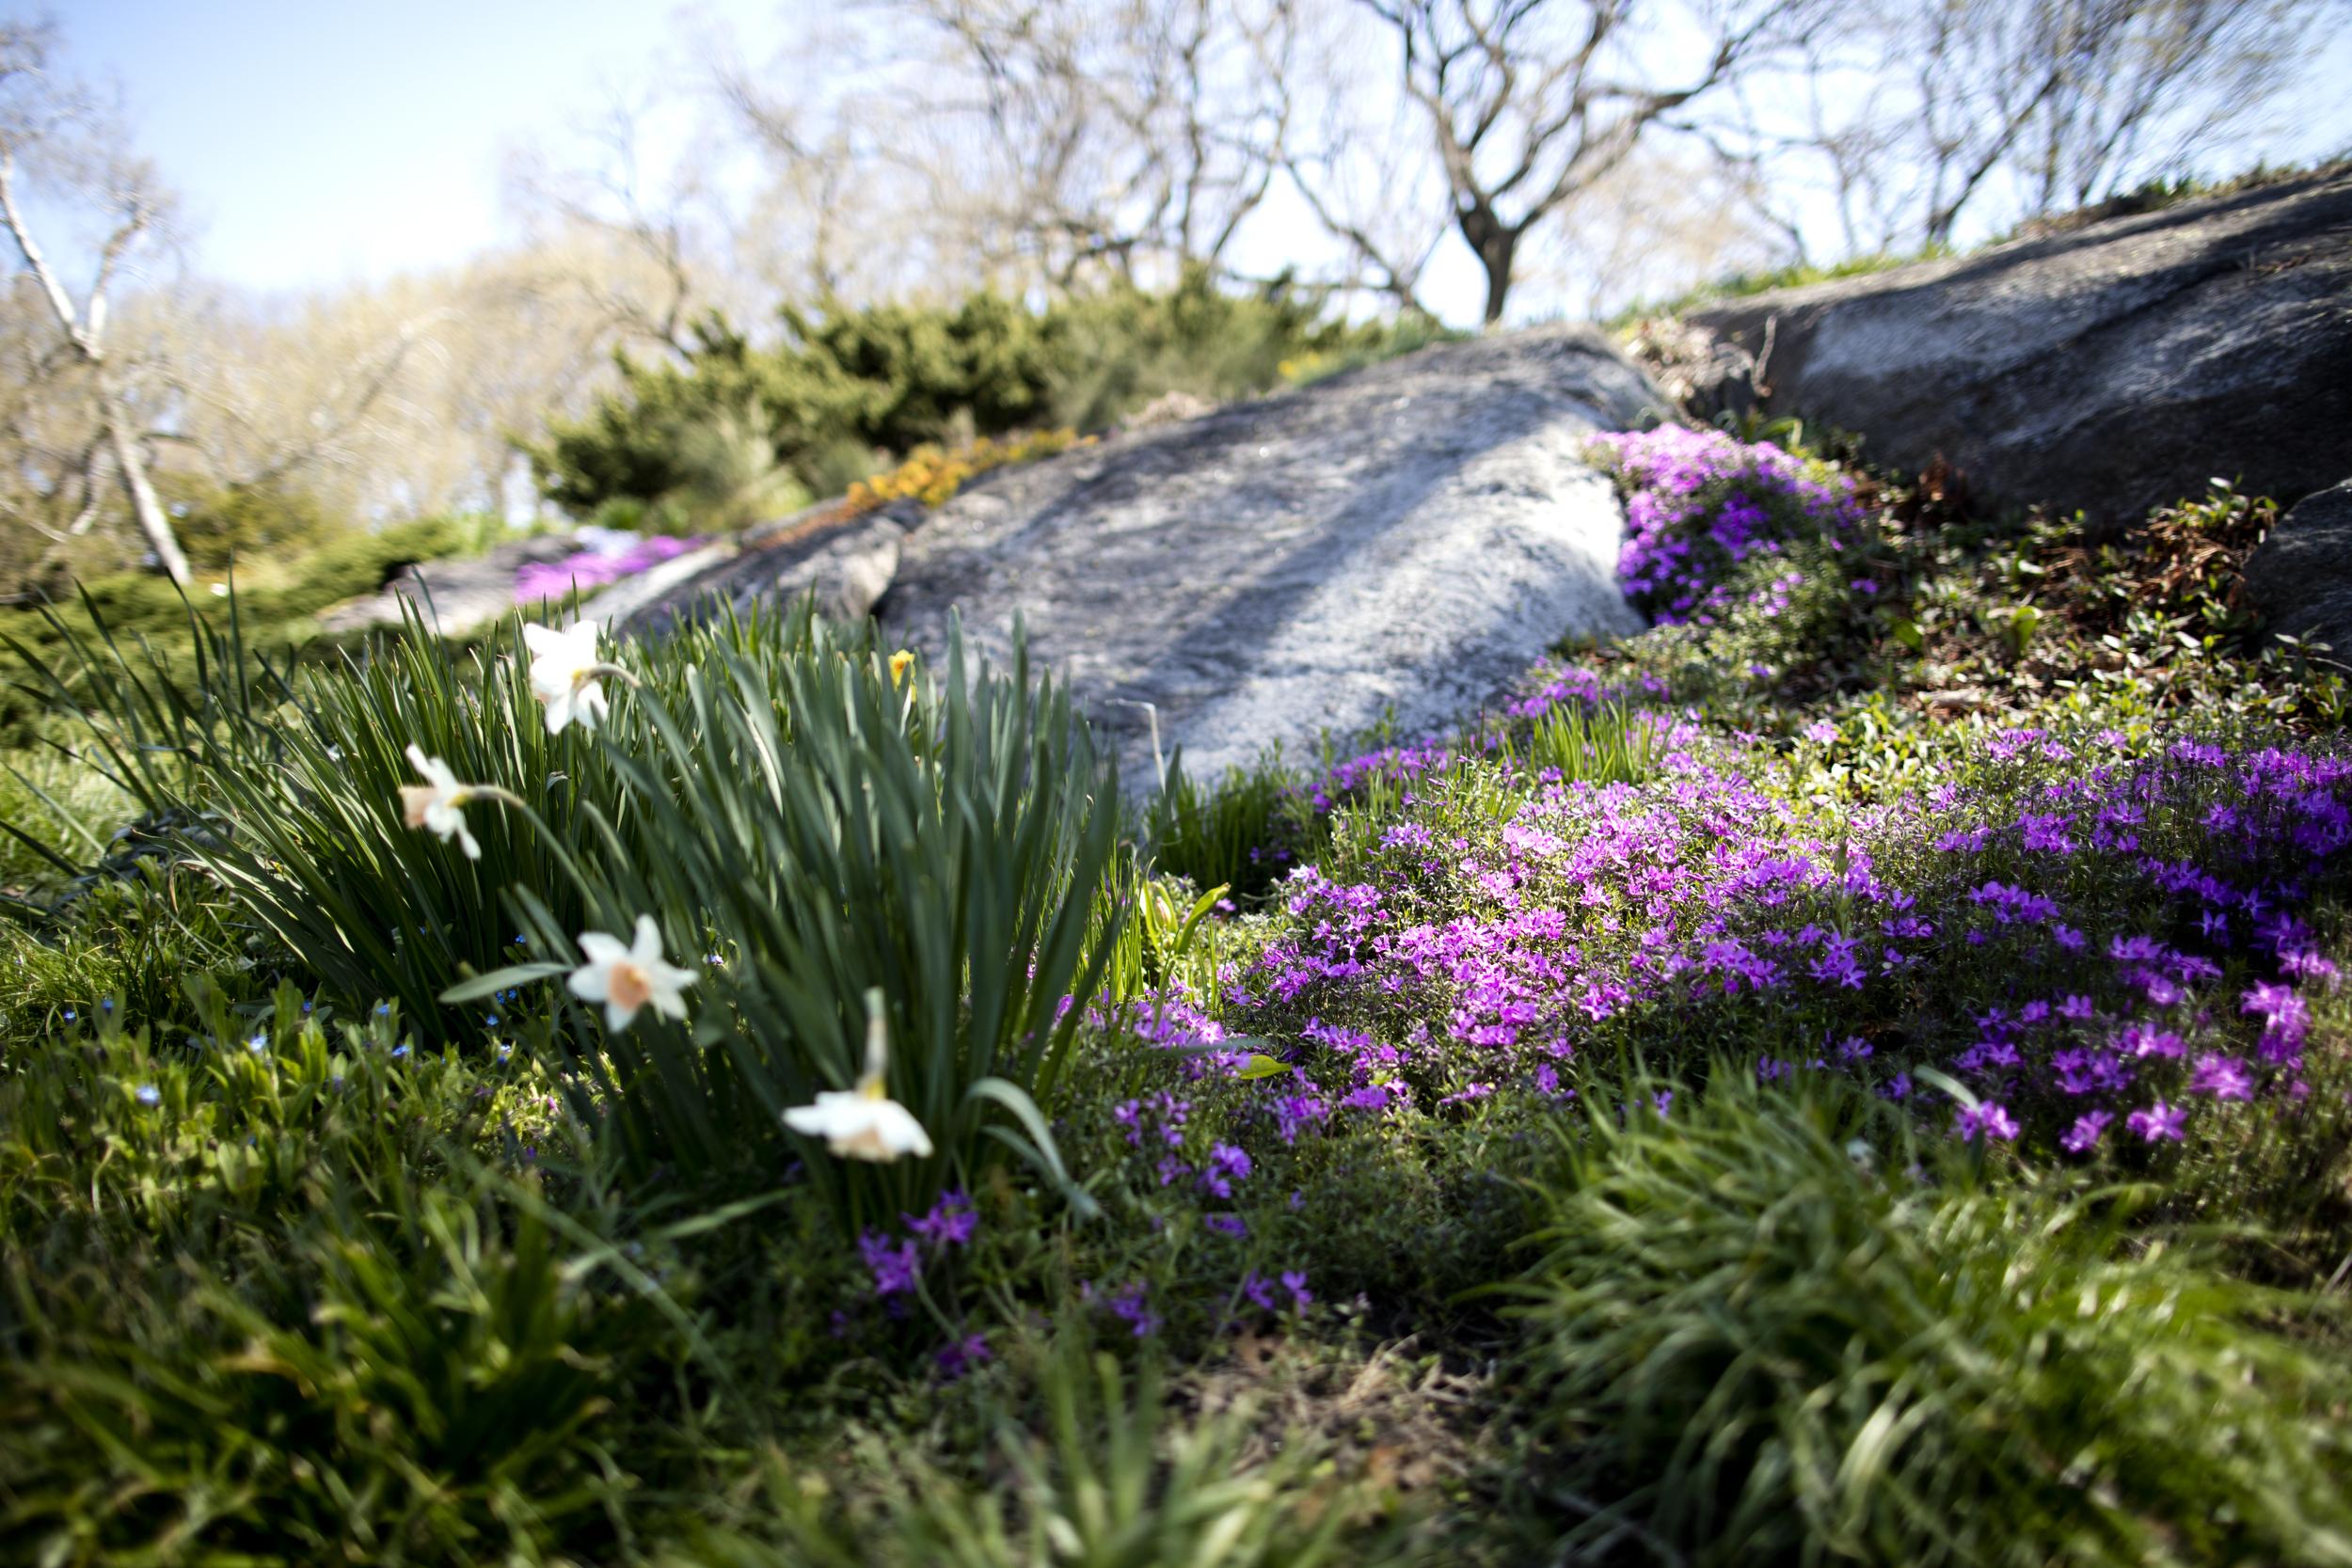 flowers_4.17.16.jpg